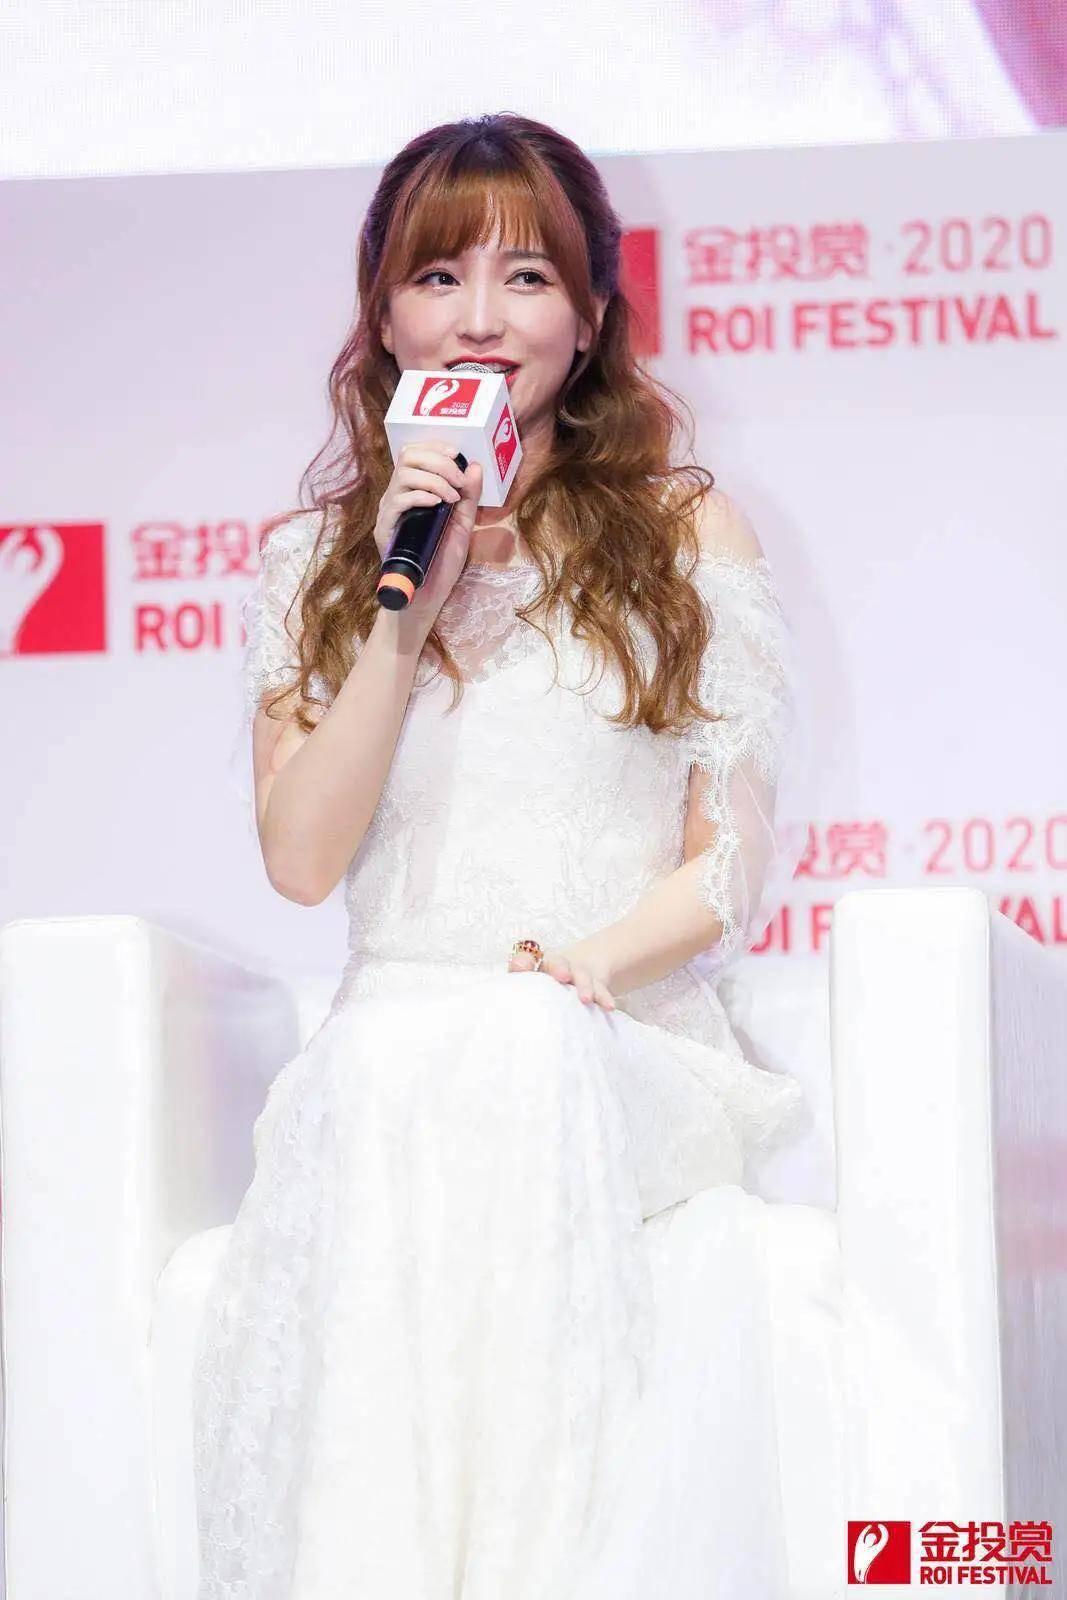 金投赏DAY2:刘雨昕金莎潘晓婷亮相,明星眼中的商业创意是怎样的?